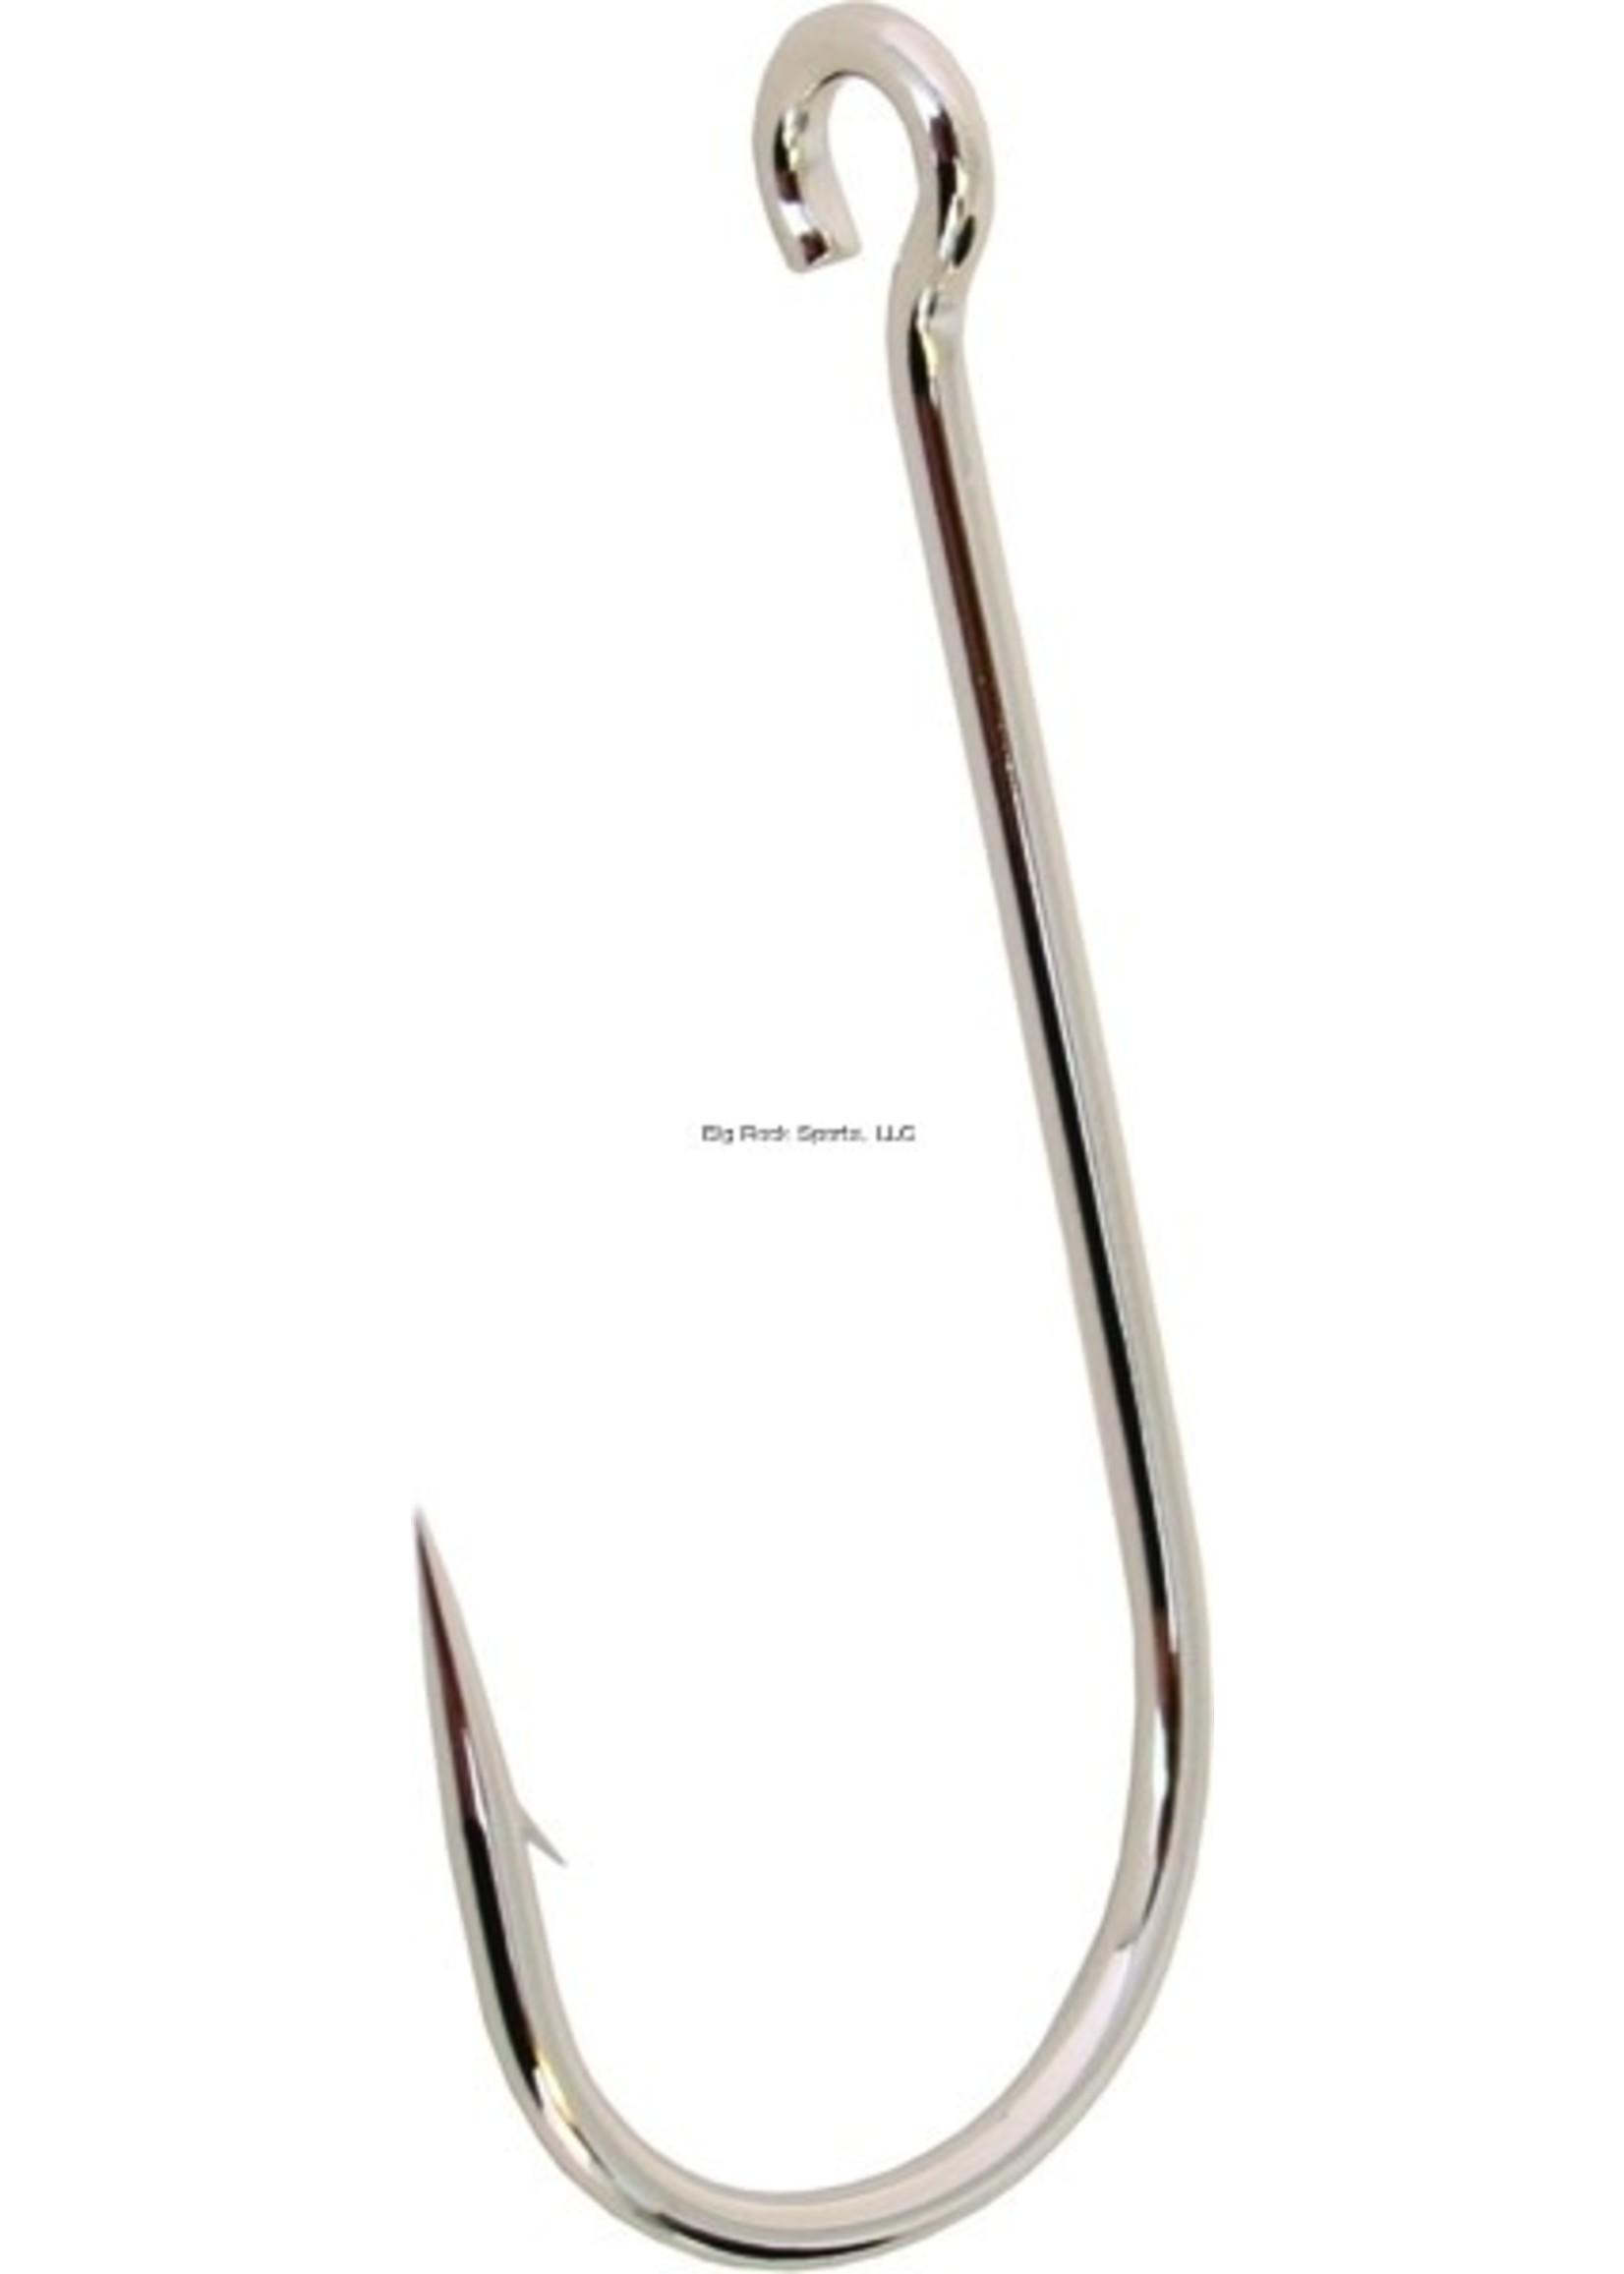 GAMAKATSU Gamakatsu Siwash (Open Eye) Nickel